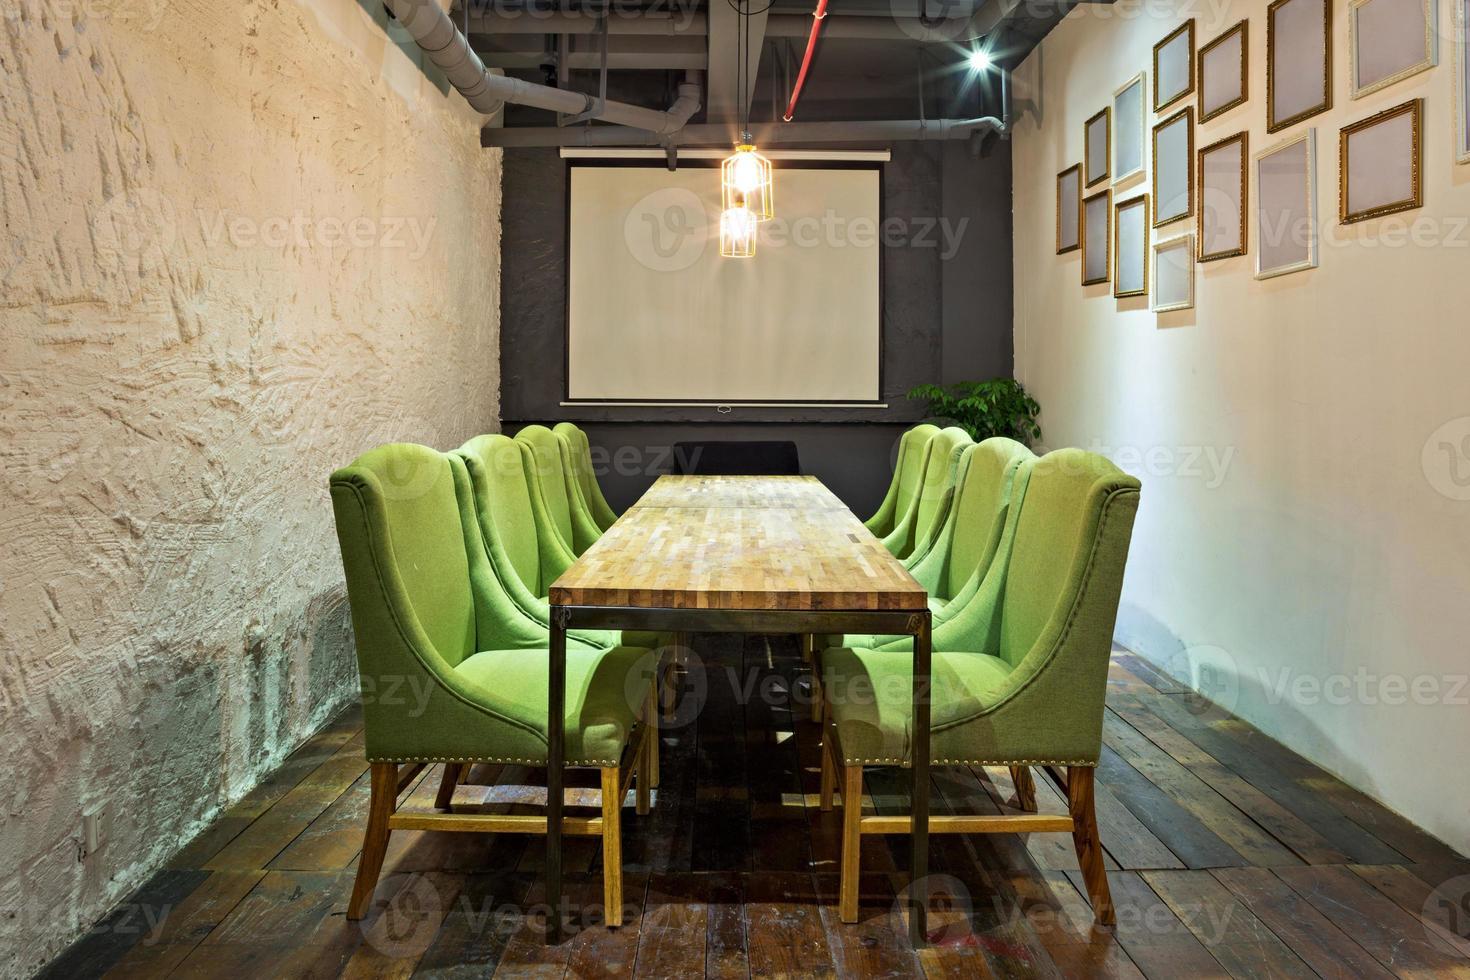 vergadertafel en stoelen in de vergaderzaal foto